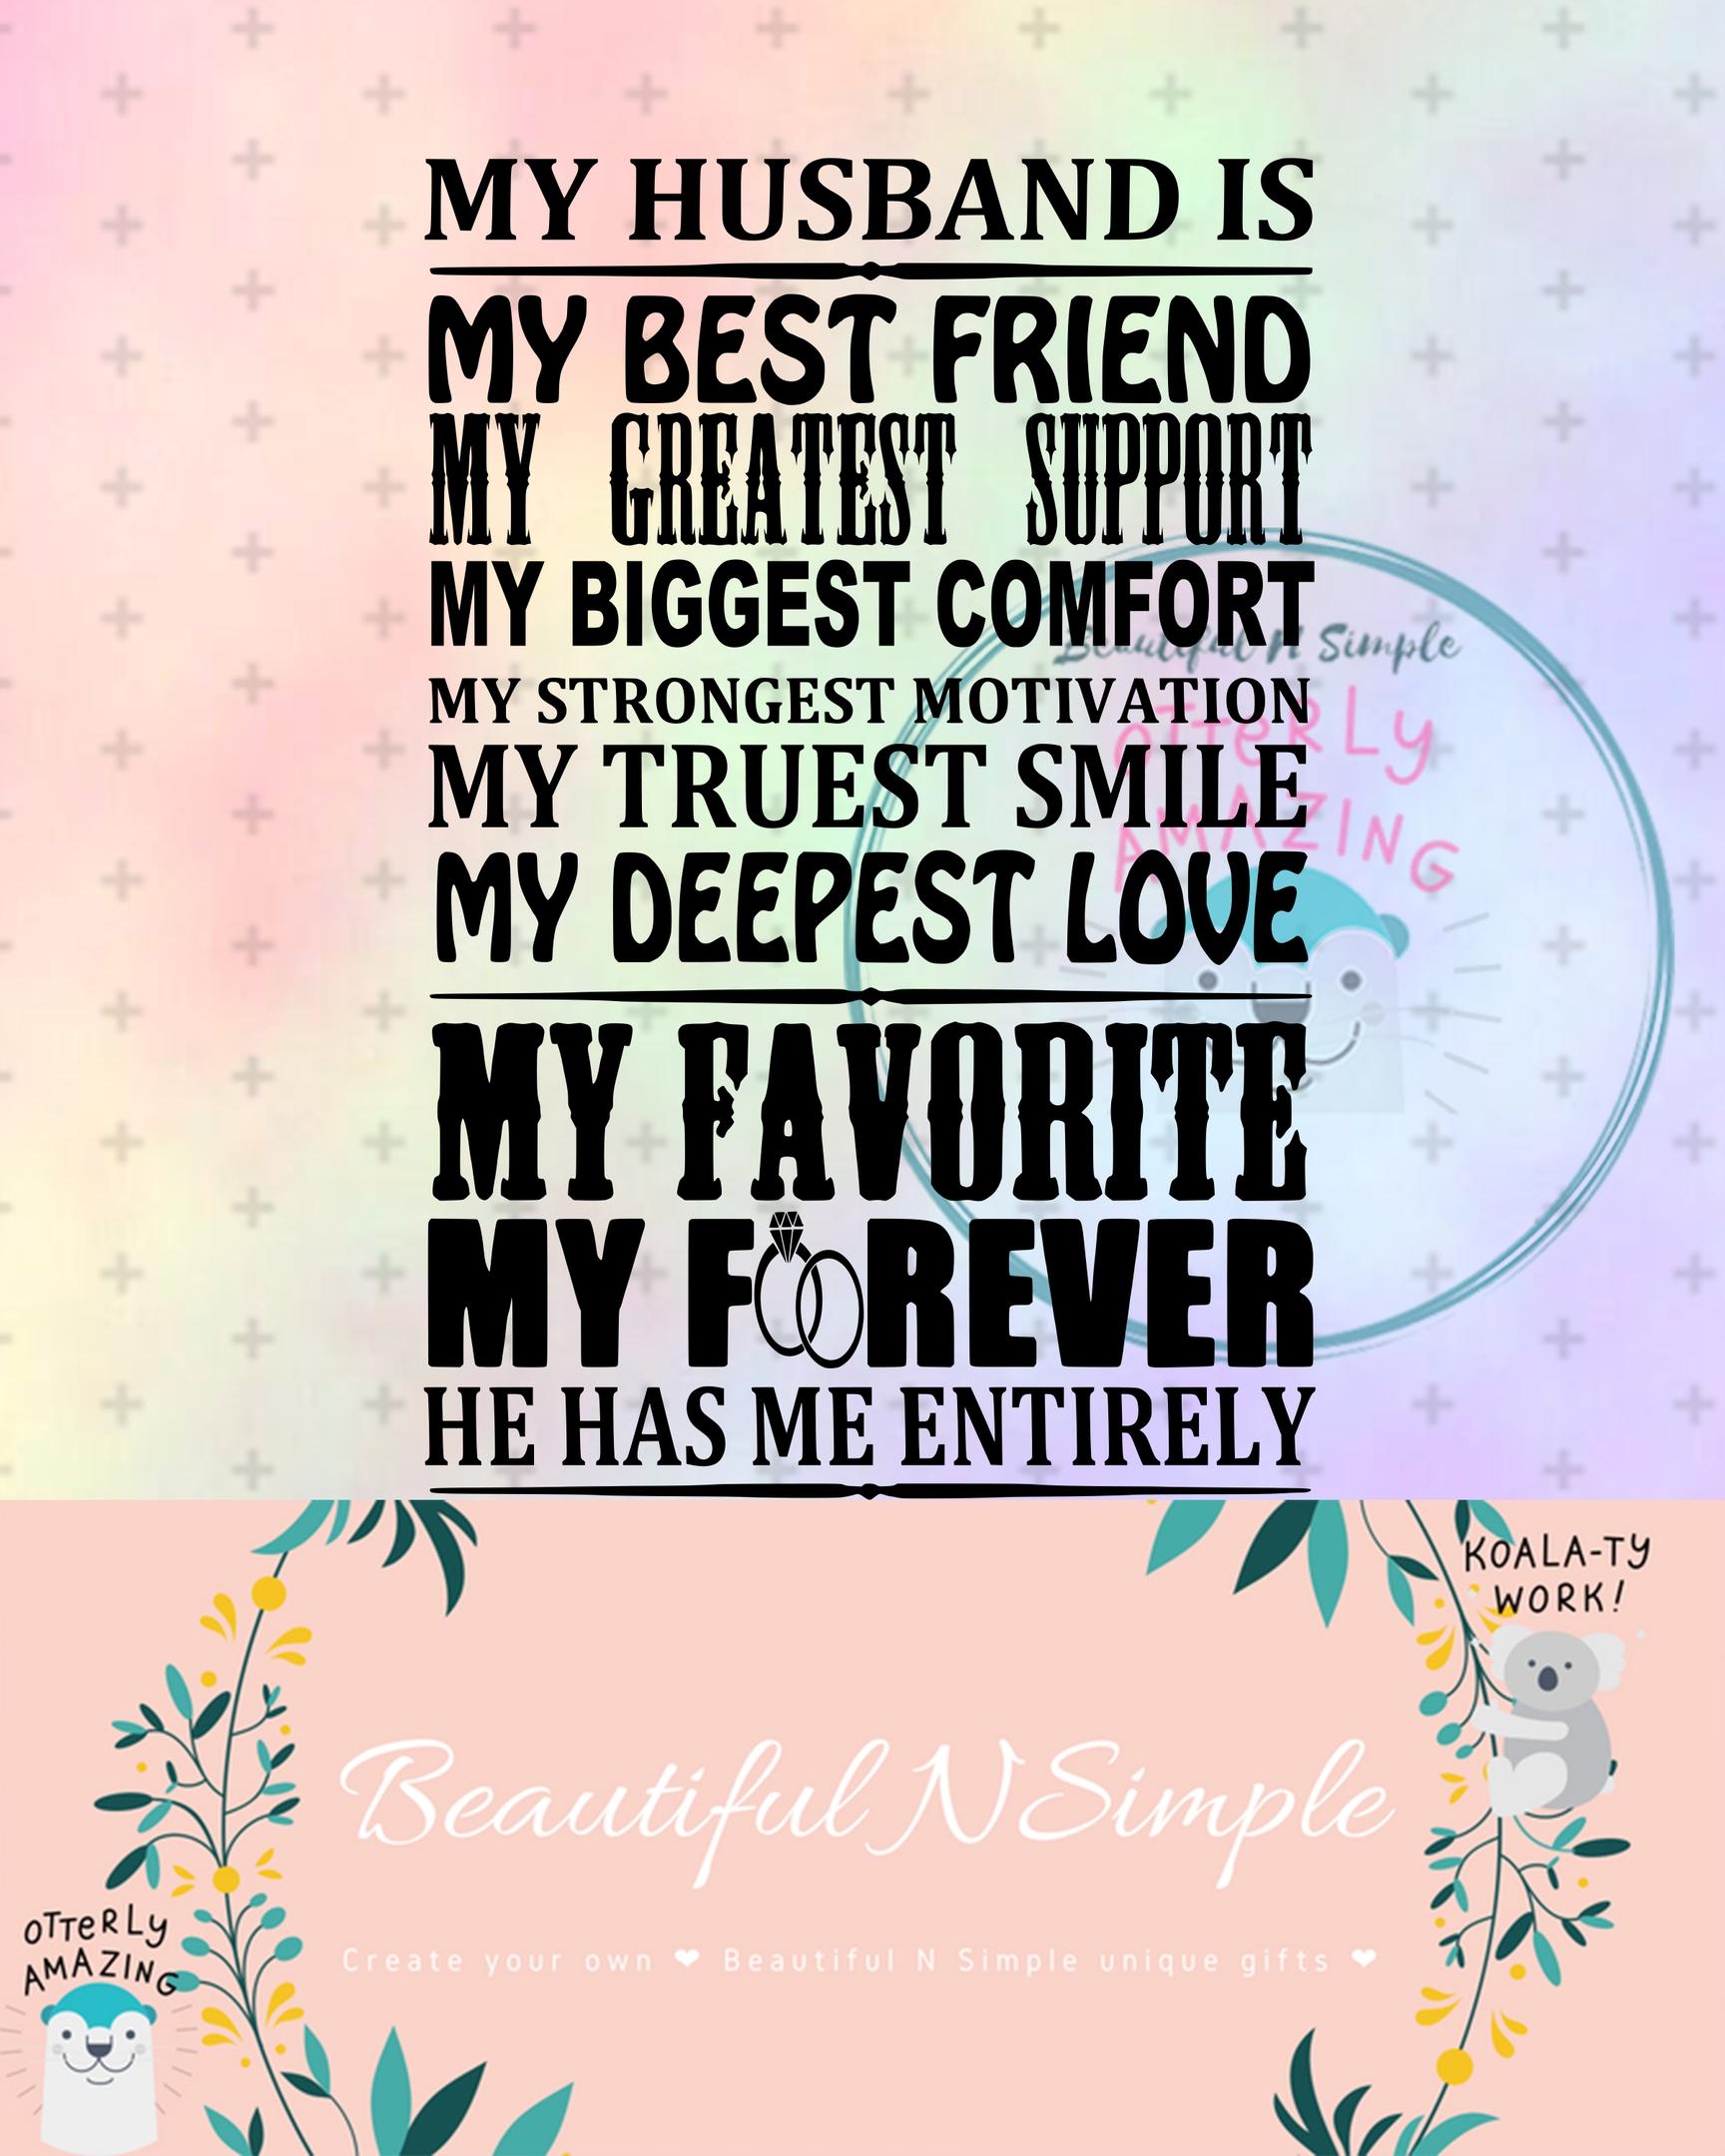 My best friend is beautiful